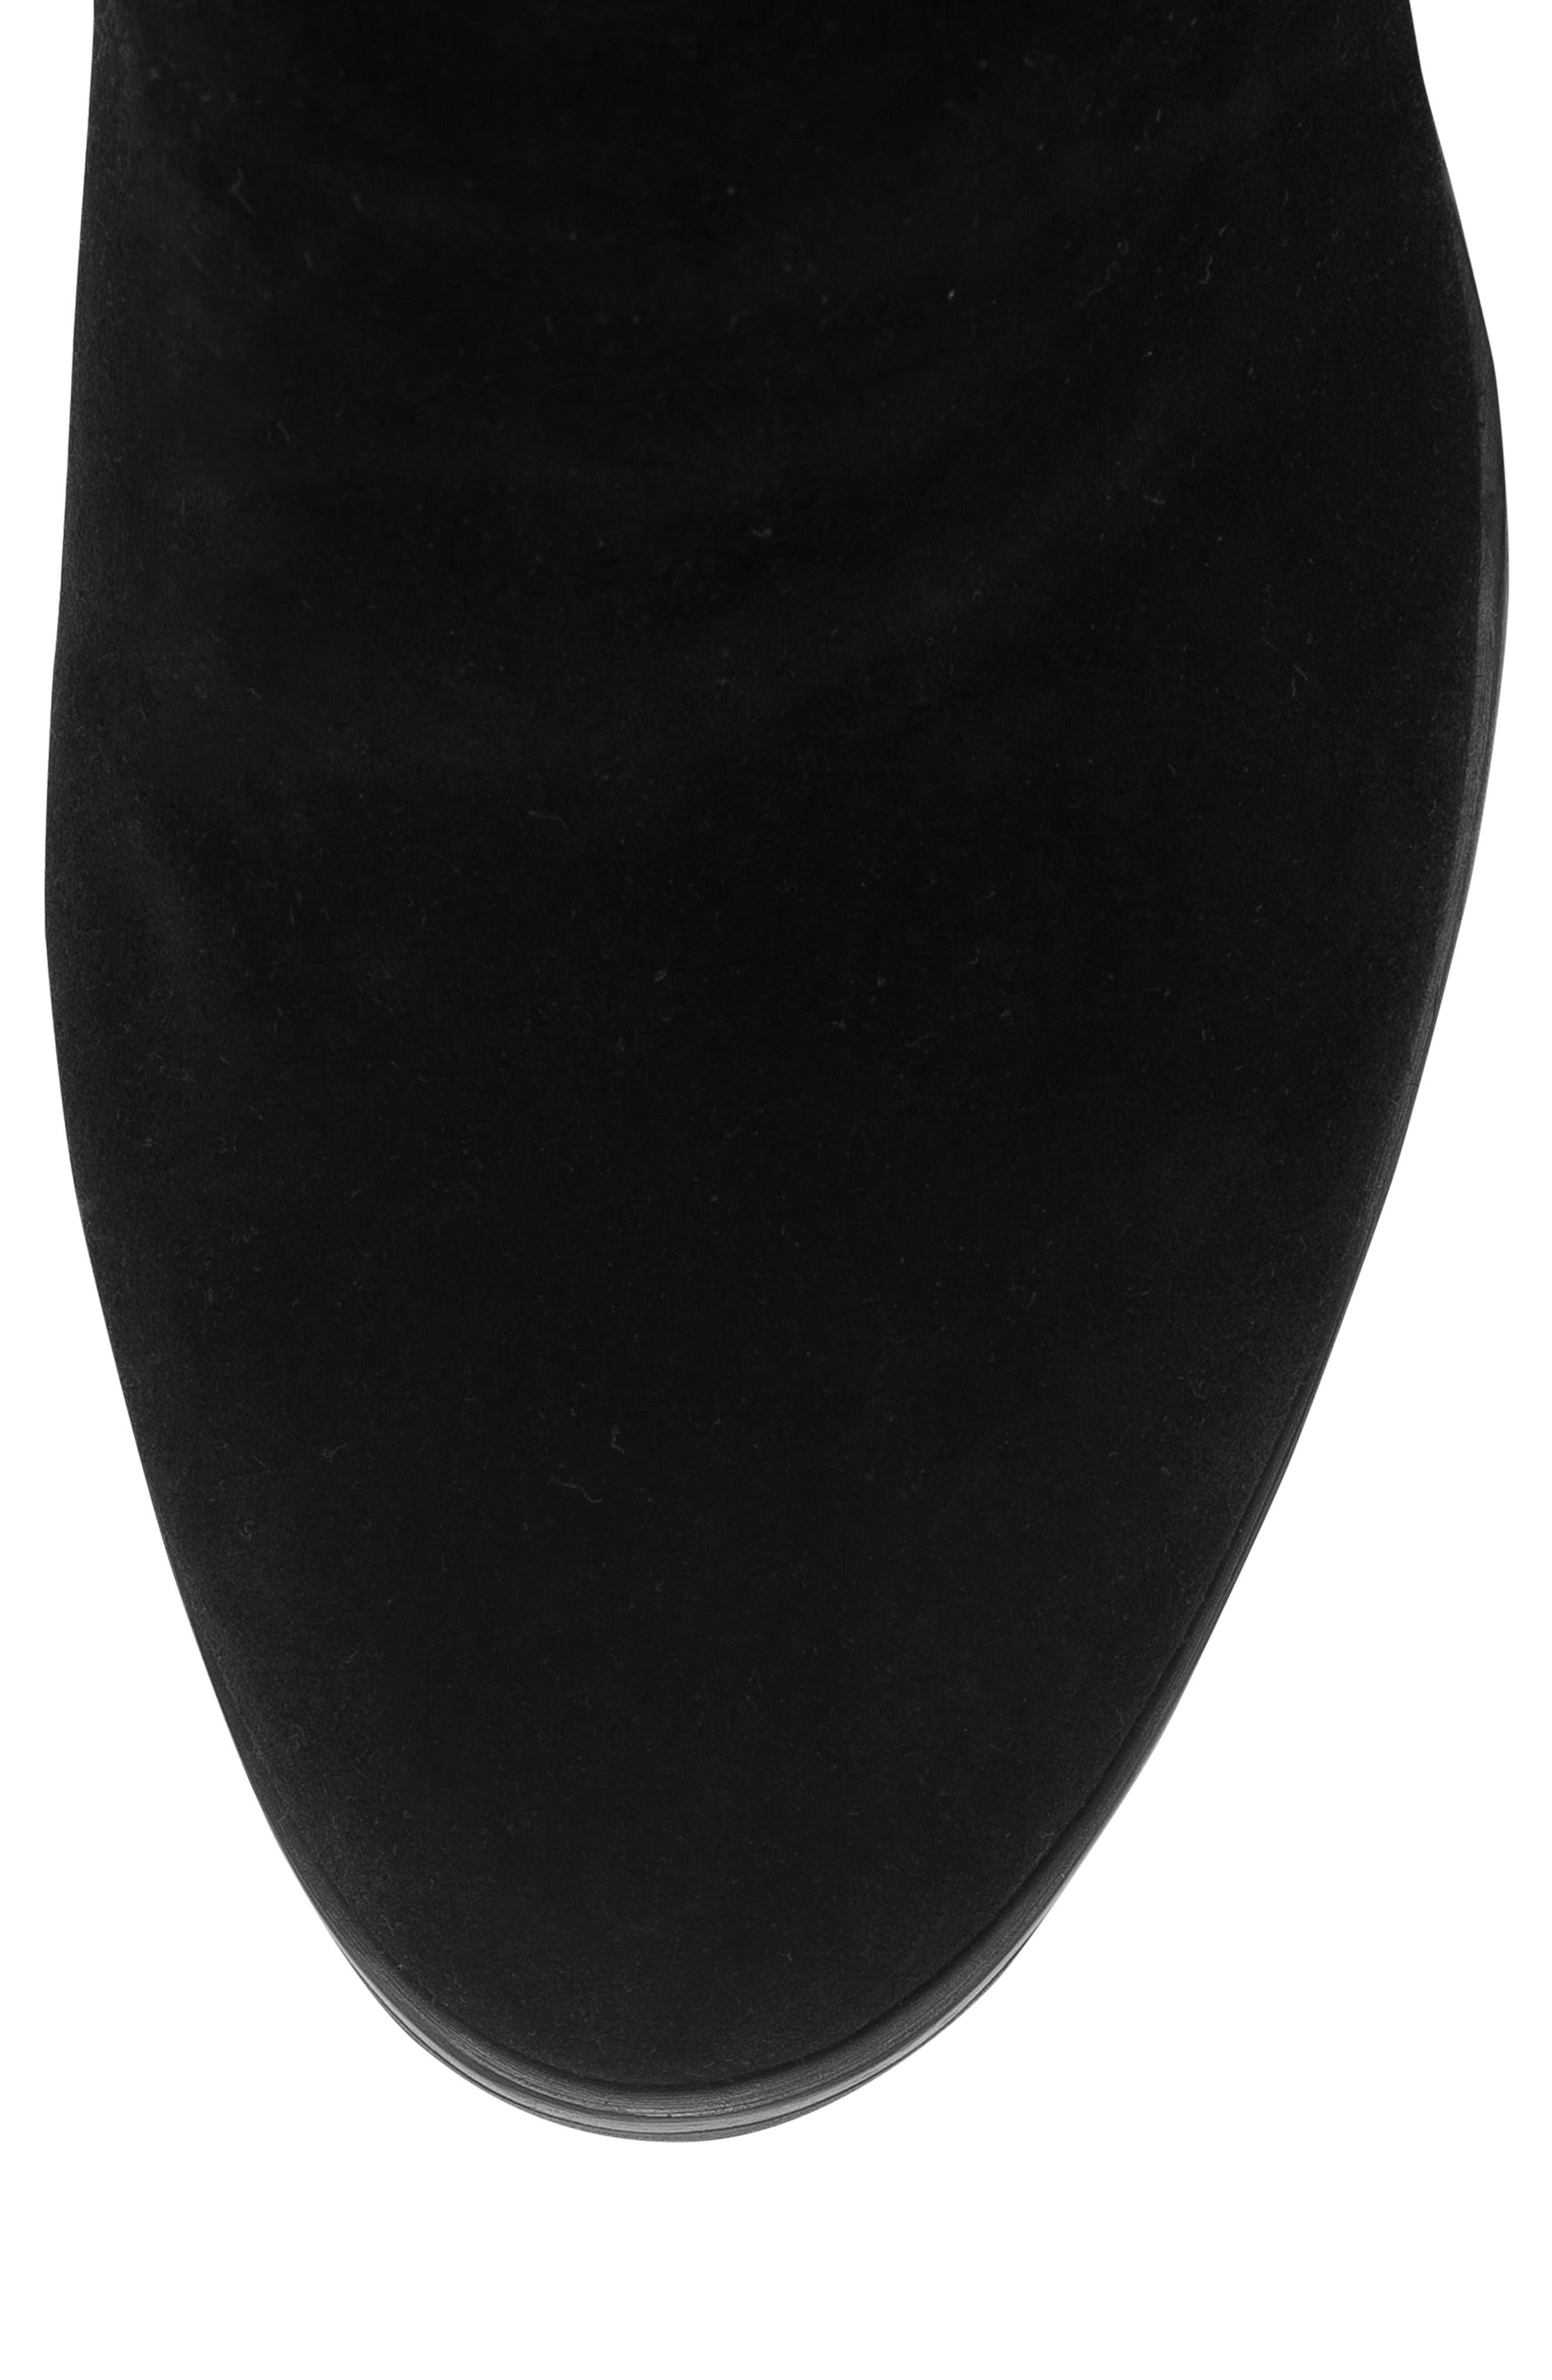 Edith Knee-High Waterproof Suede Boot,                             Alternate thumbnail 4, color,                             Black Suede